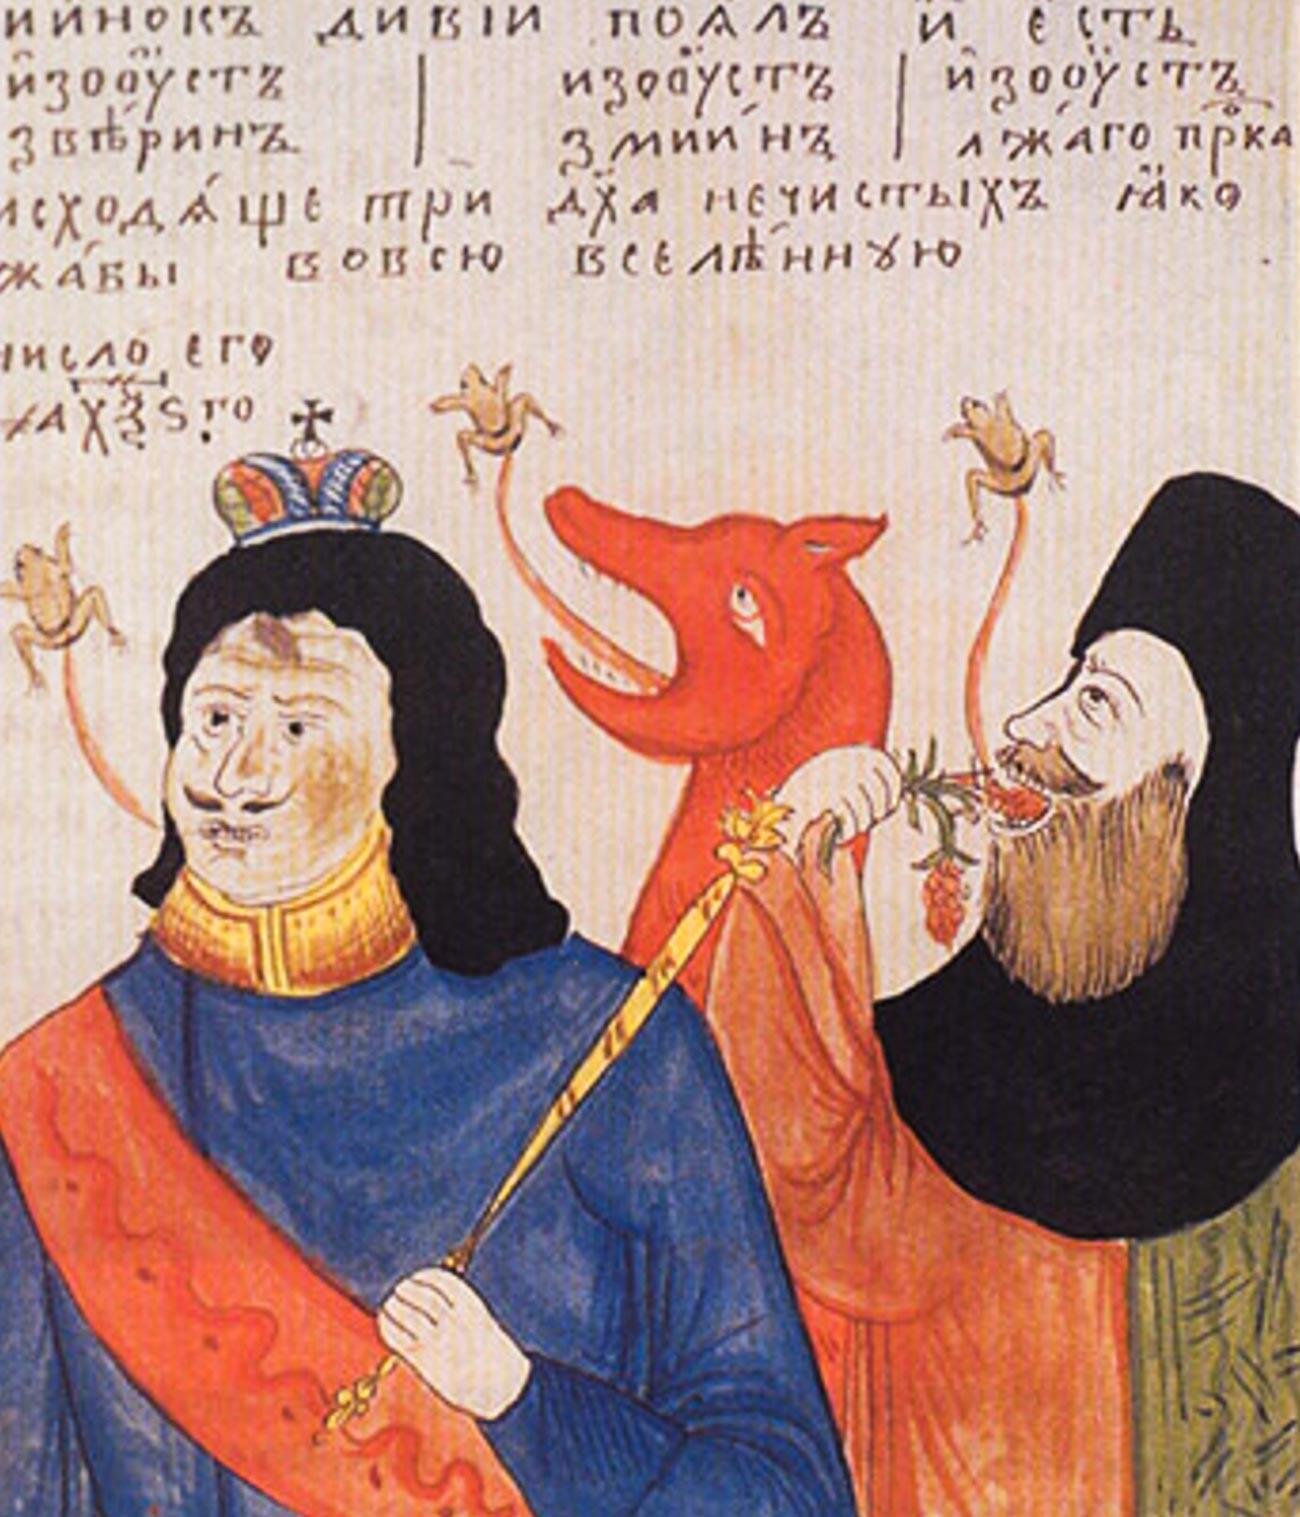 Una caricatura dei Vecchi Credenti che raffigura lo zar Pietro come l'Anticristo